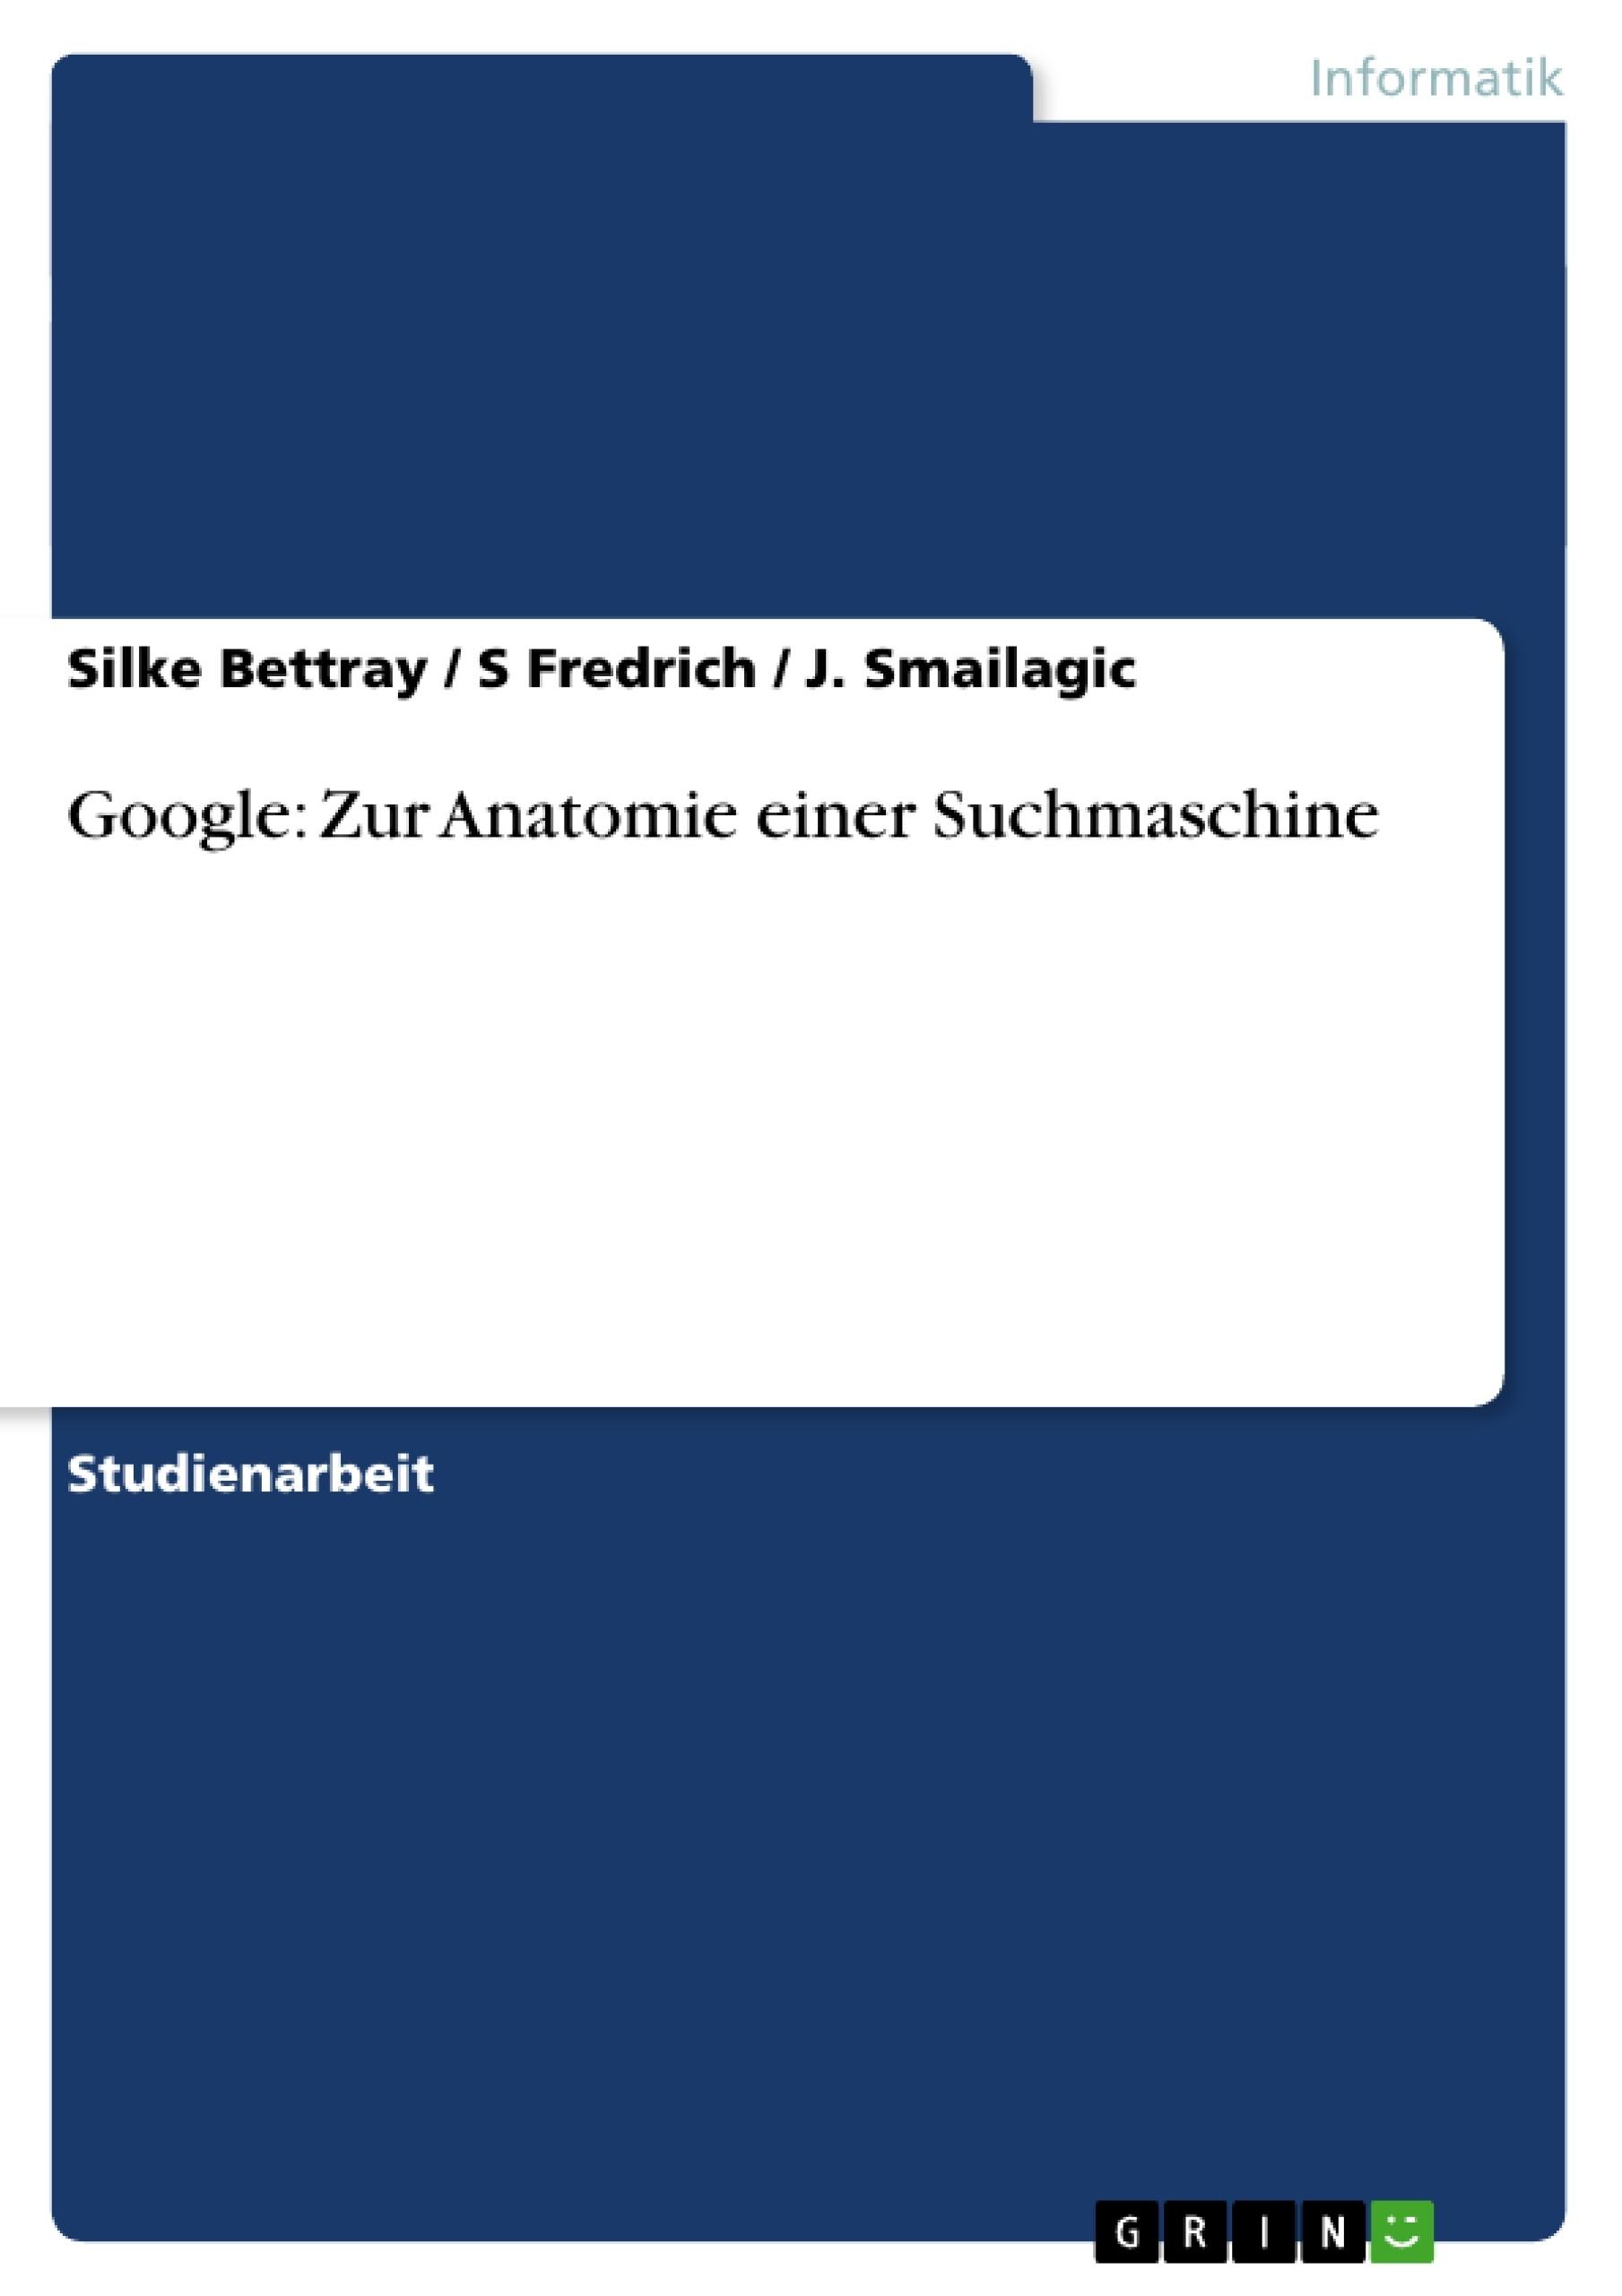 Titel: Google: Zur Anatomie einer Suchmaschine